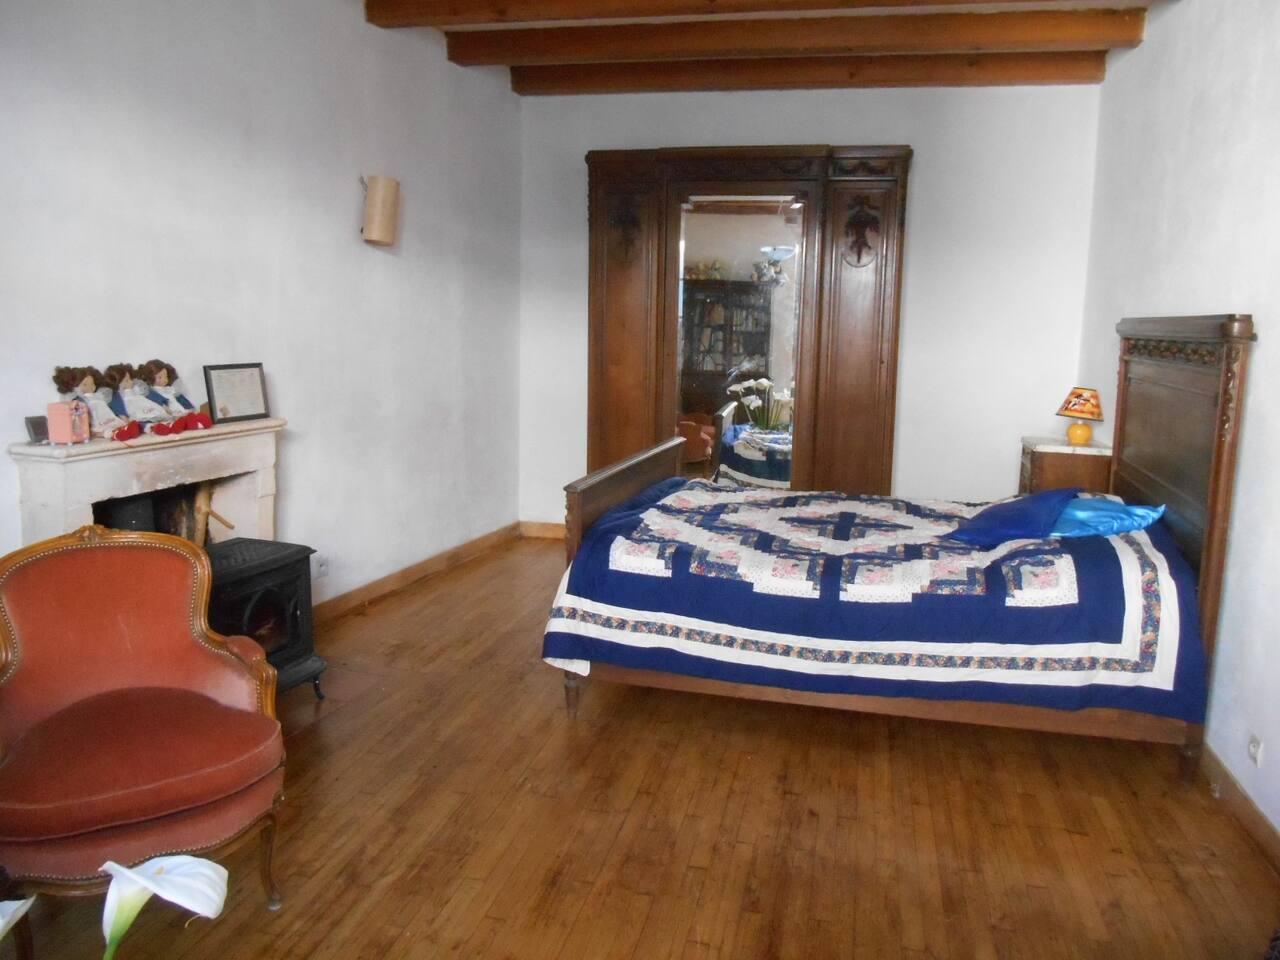 Une belle chambre à coucher 1920, avec poële pour les jours frais